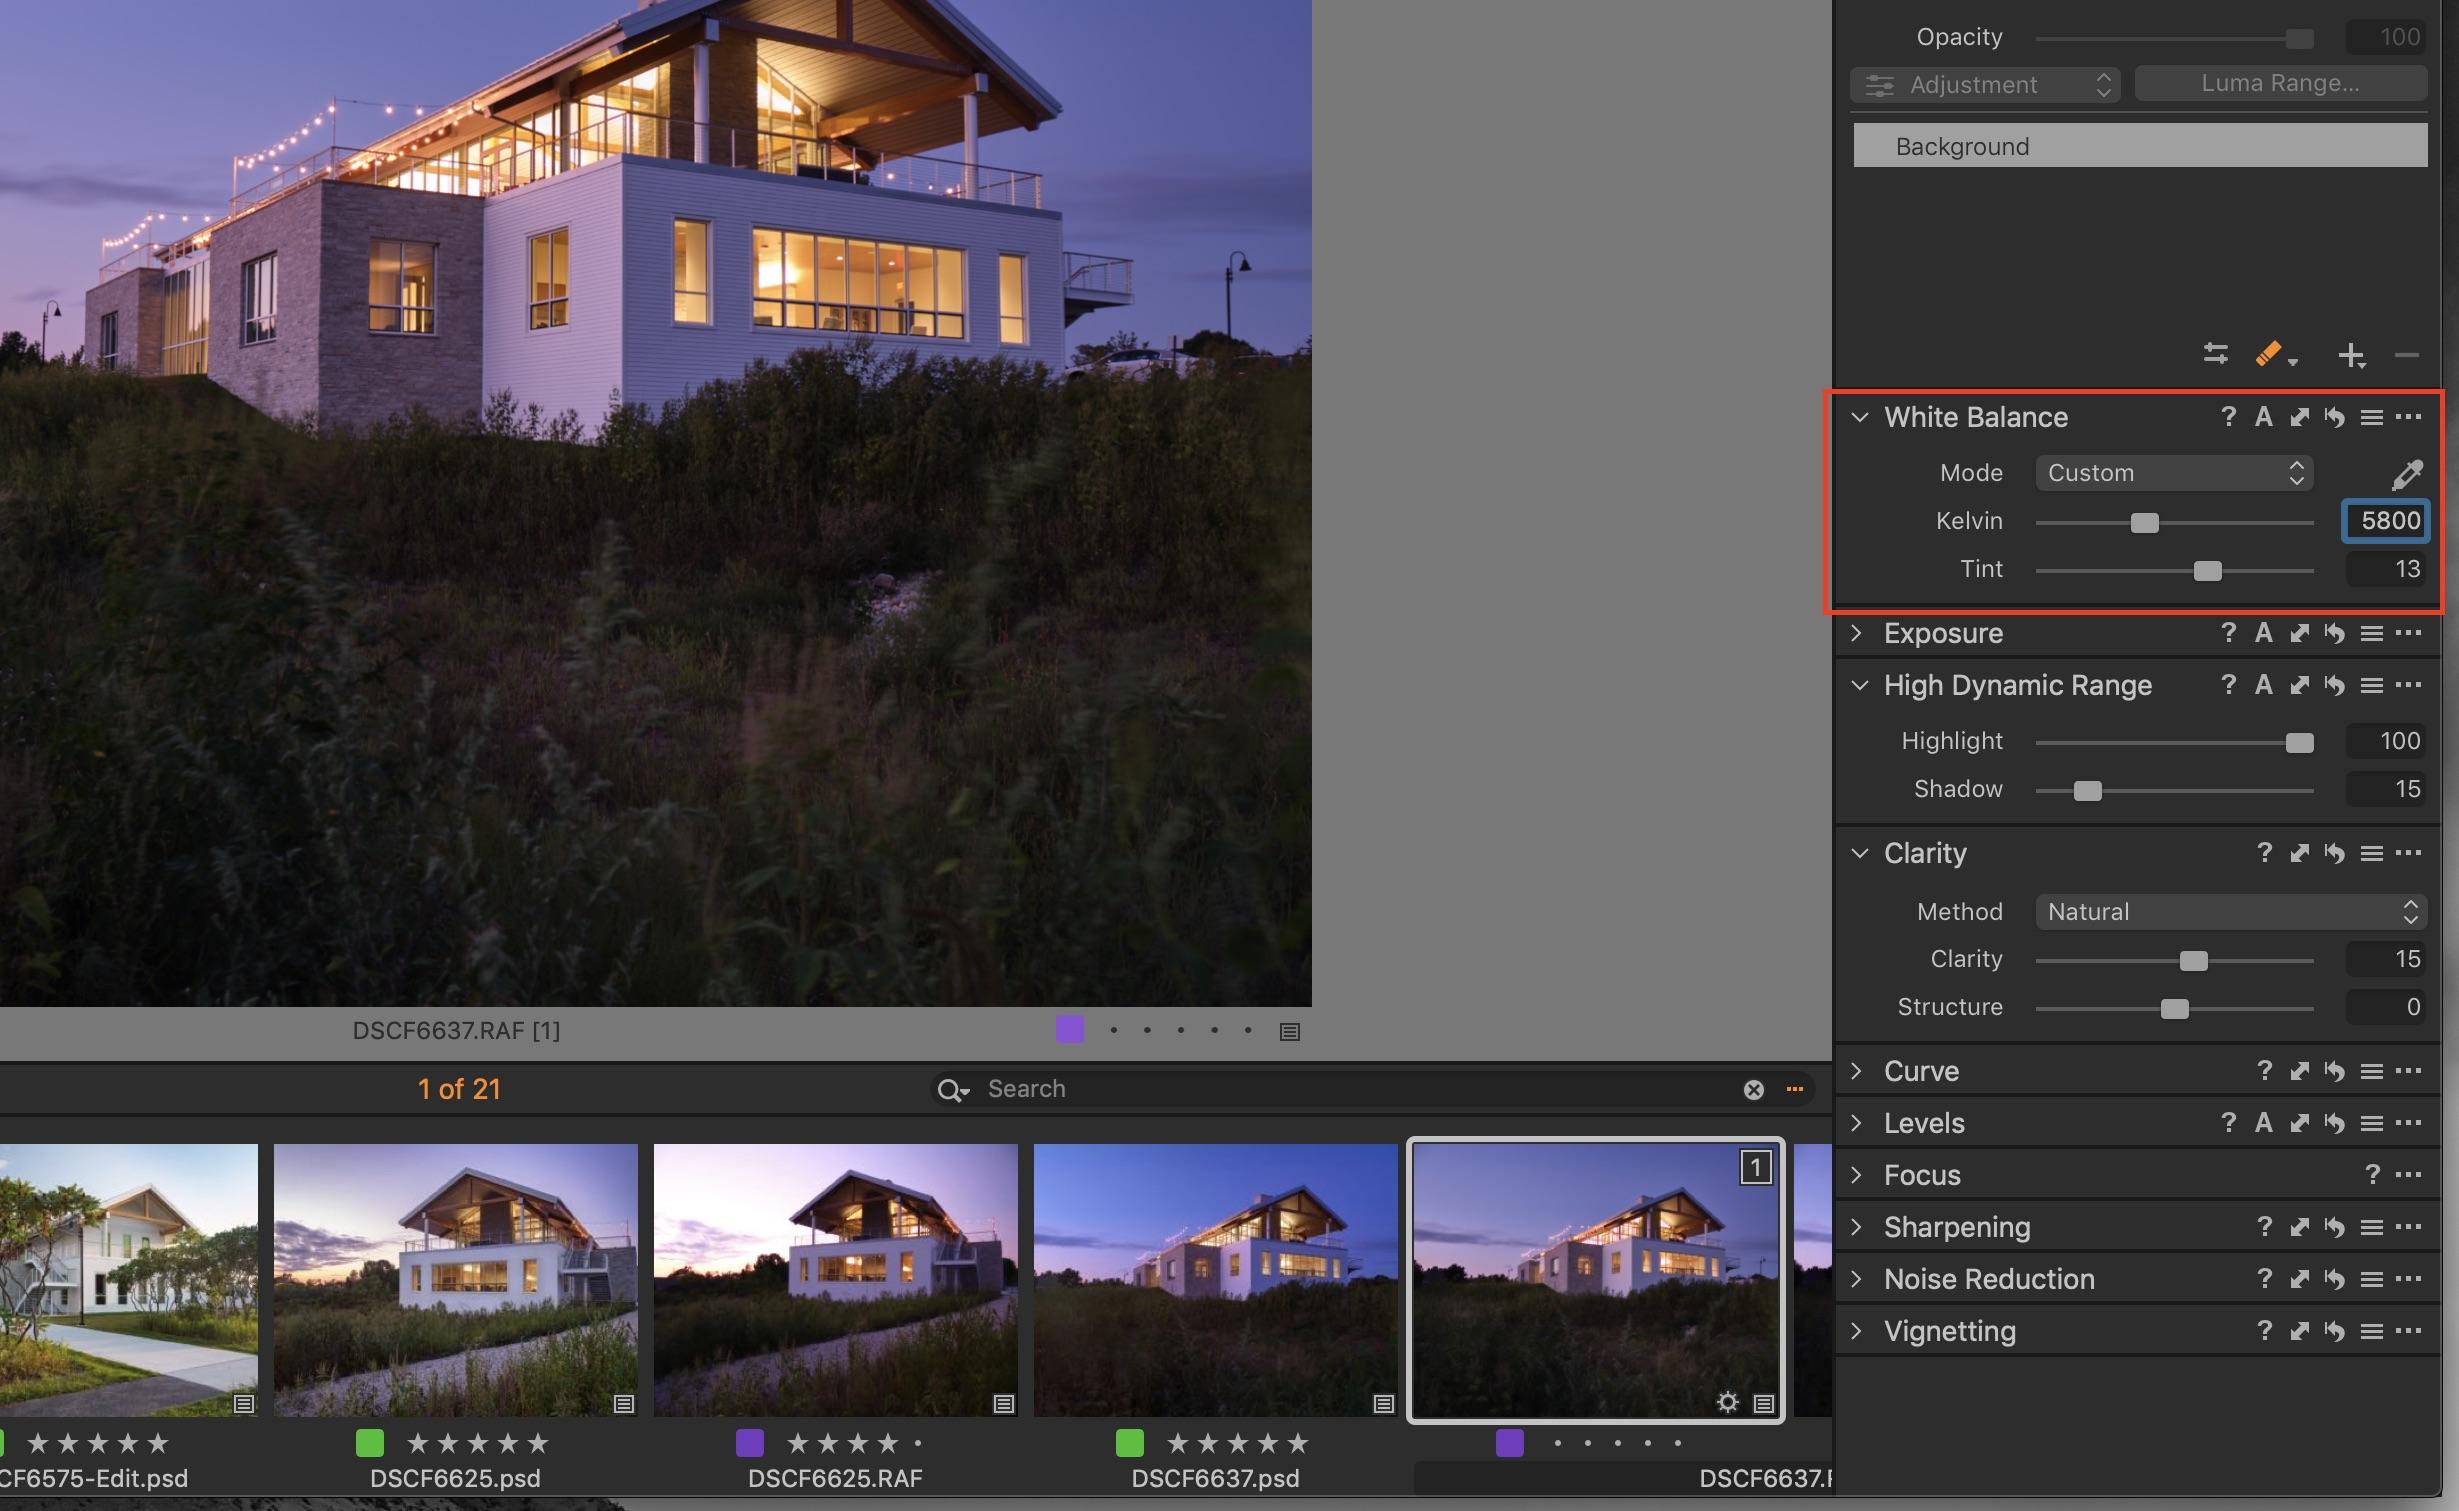 009 C1 ScreenShot.jpg